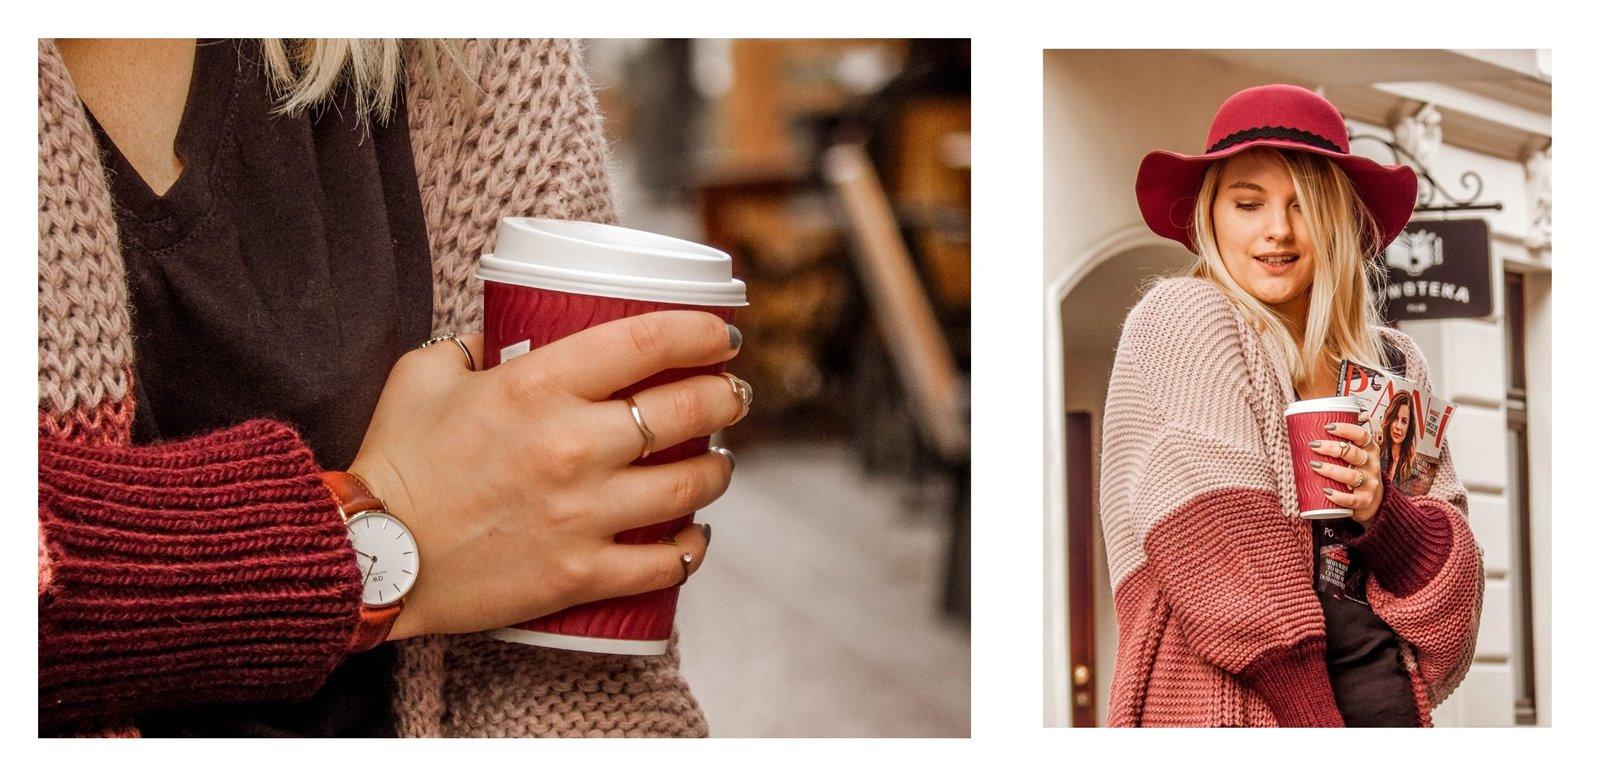 6a detale zegarek daniel wellington złote pierścionki pomysł na stylizacje prezent modnapolka łódź outfit jak nosić swetry owersize kolorowe ubrania na jesień co jest modne jesień zima 2018 blondynka kolory włosy